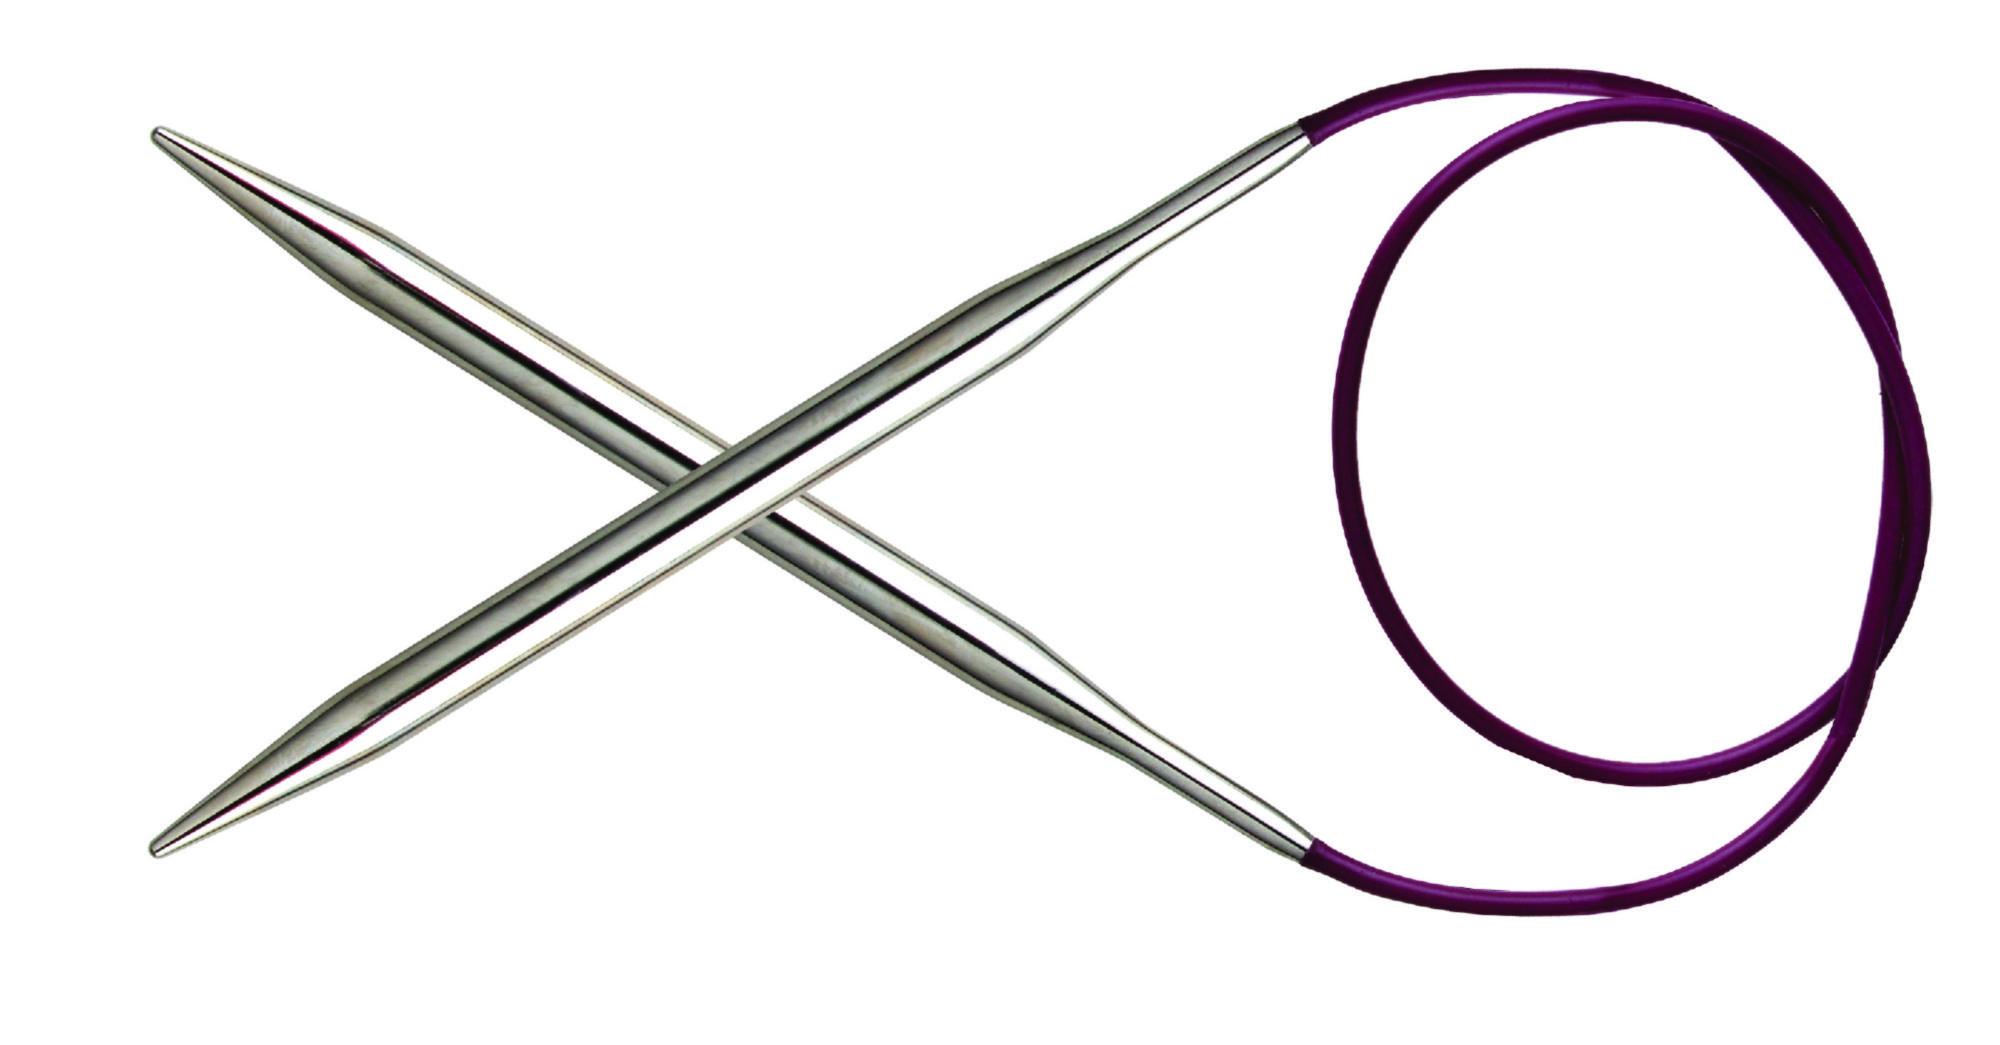 Спицы круговые 150 см Nova Metal KnitPro, 10512, 2.25 мм